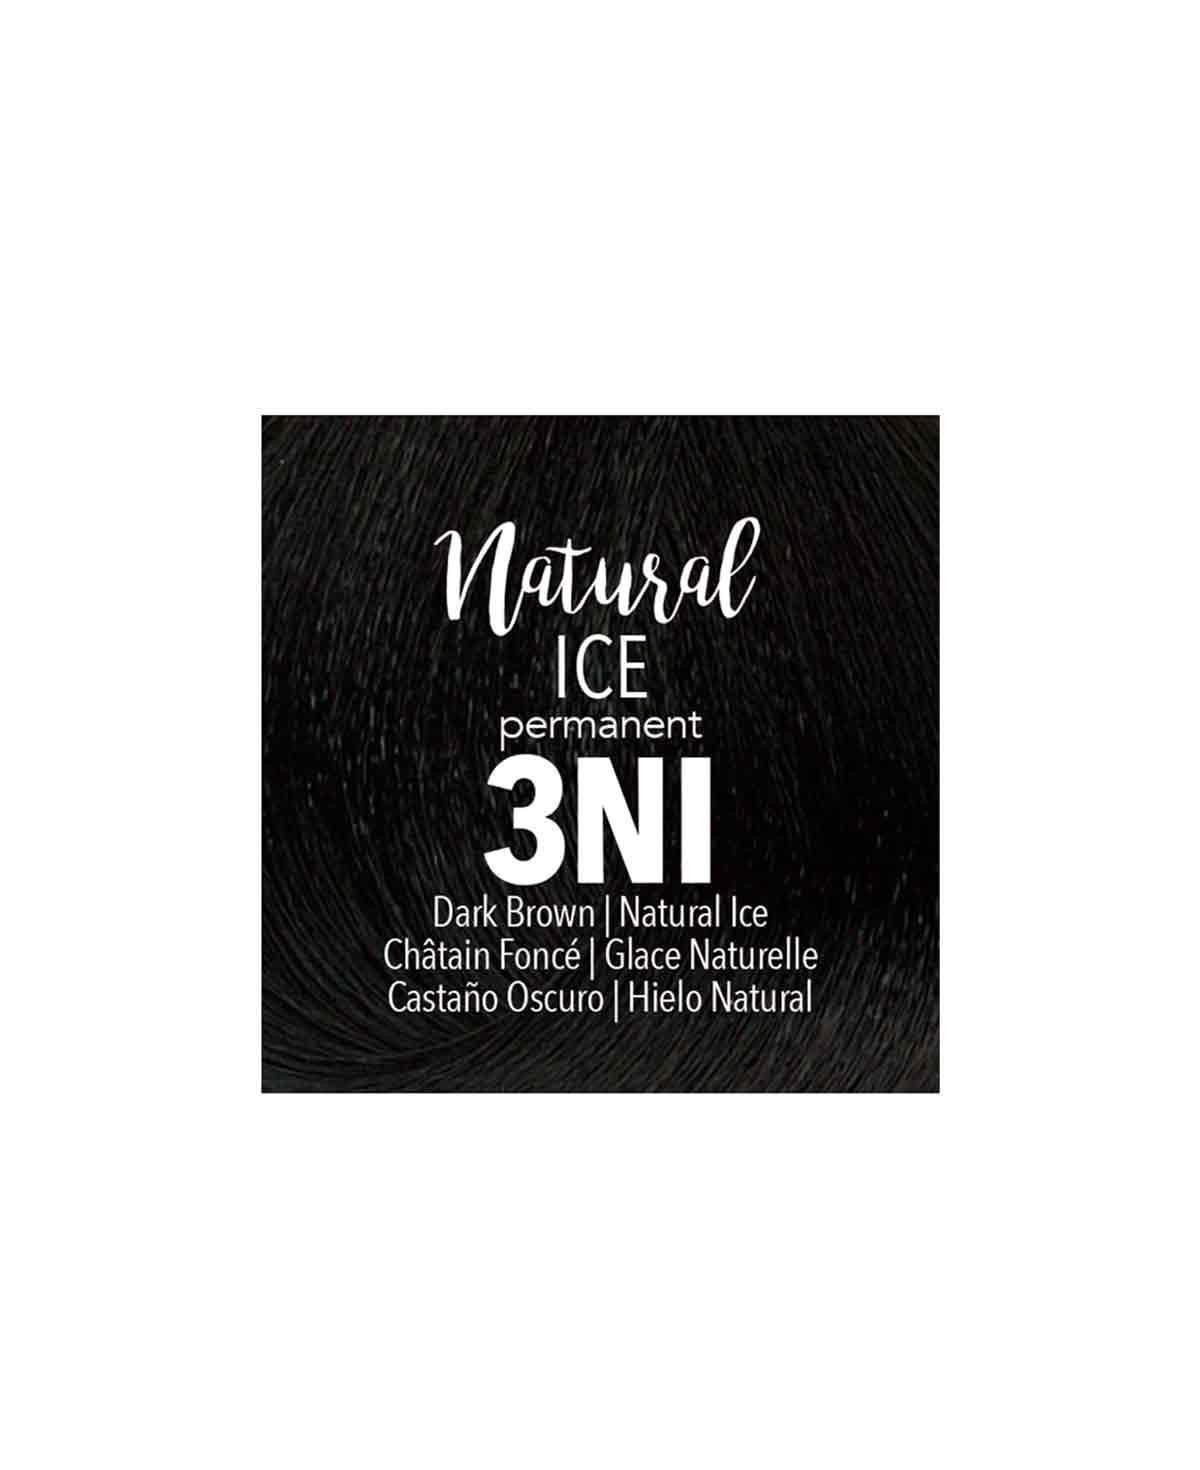 Mydentity - 3NI Dark Brown Natural Ice